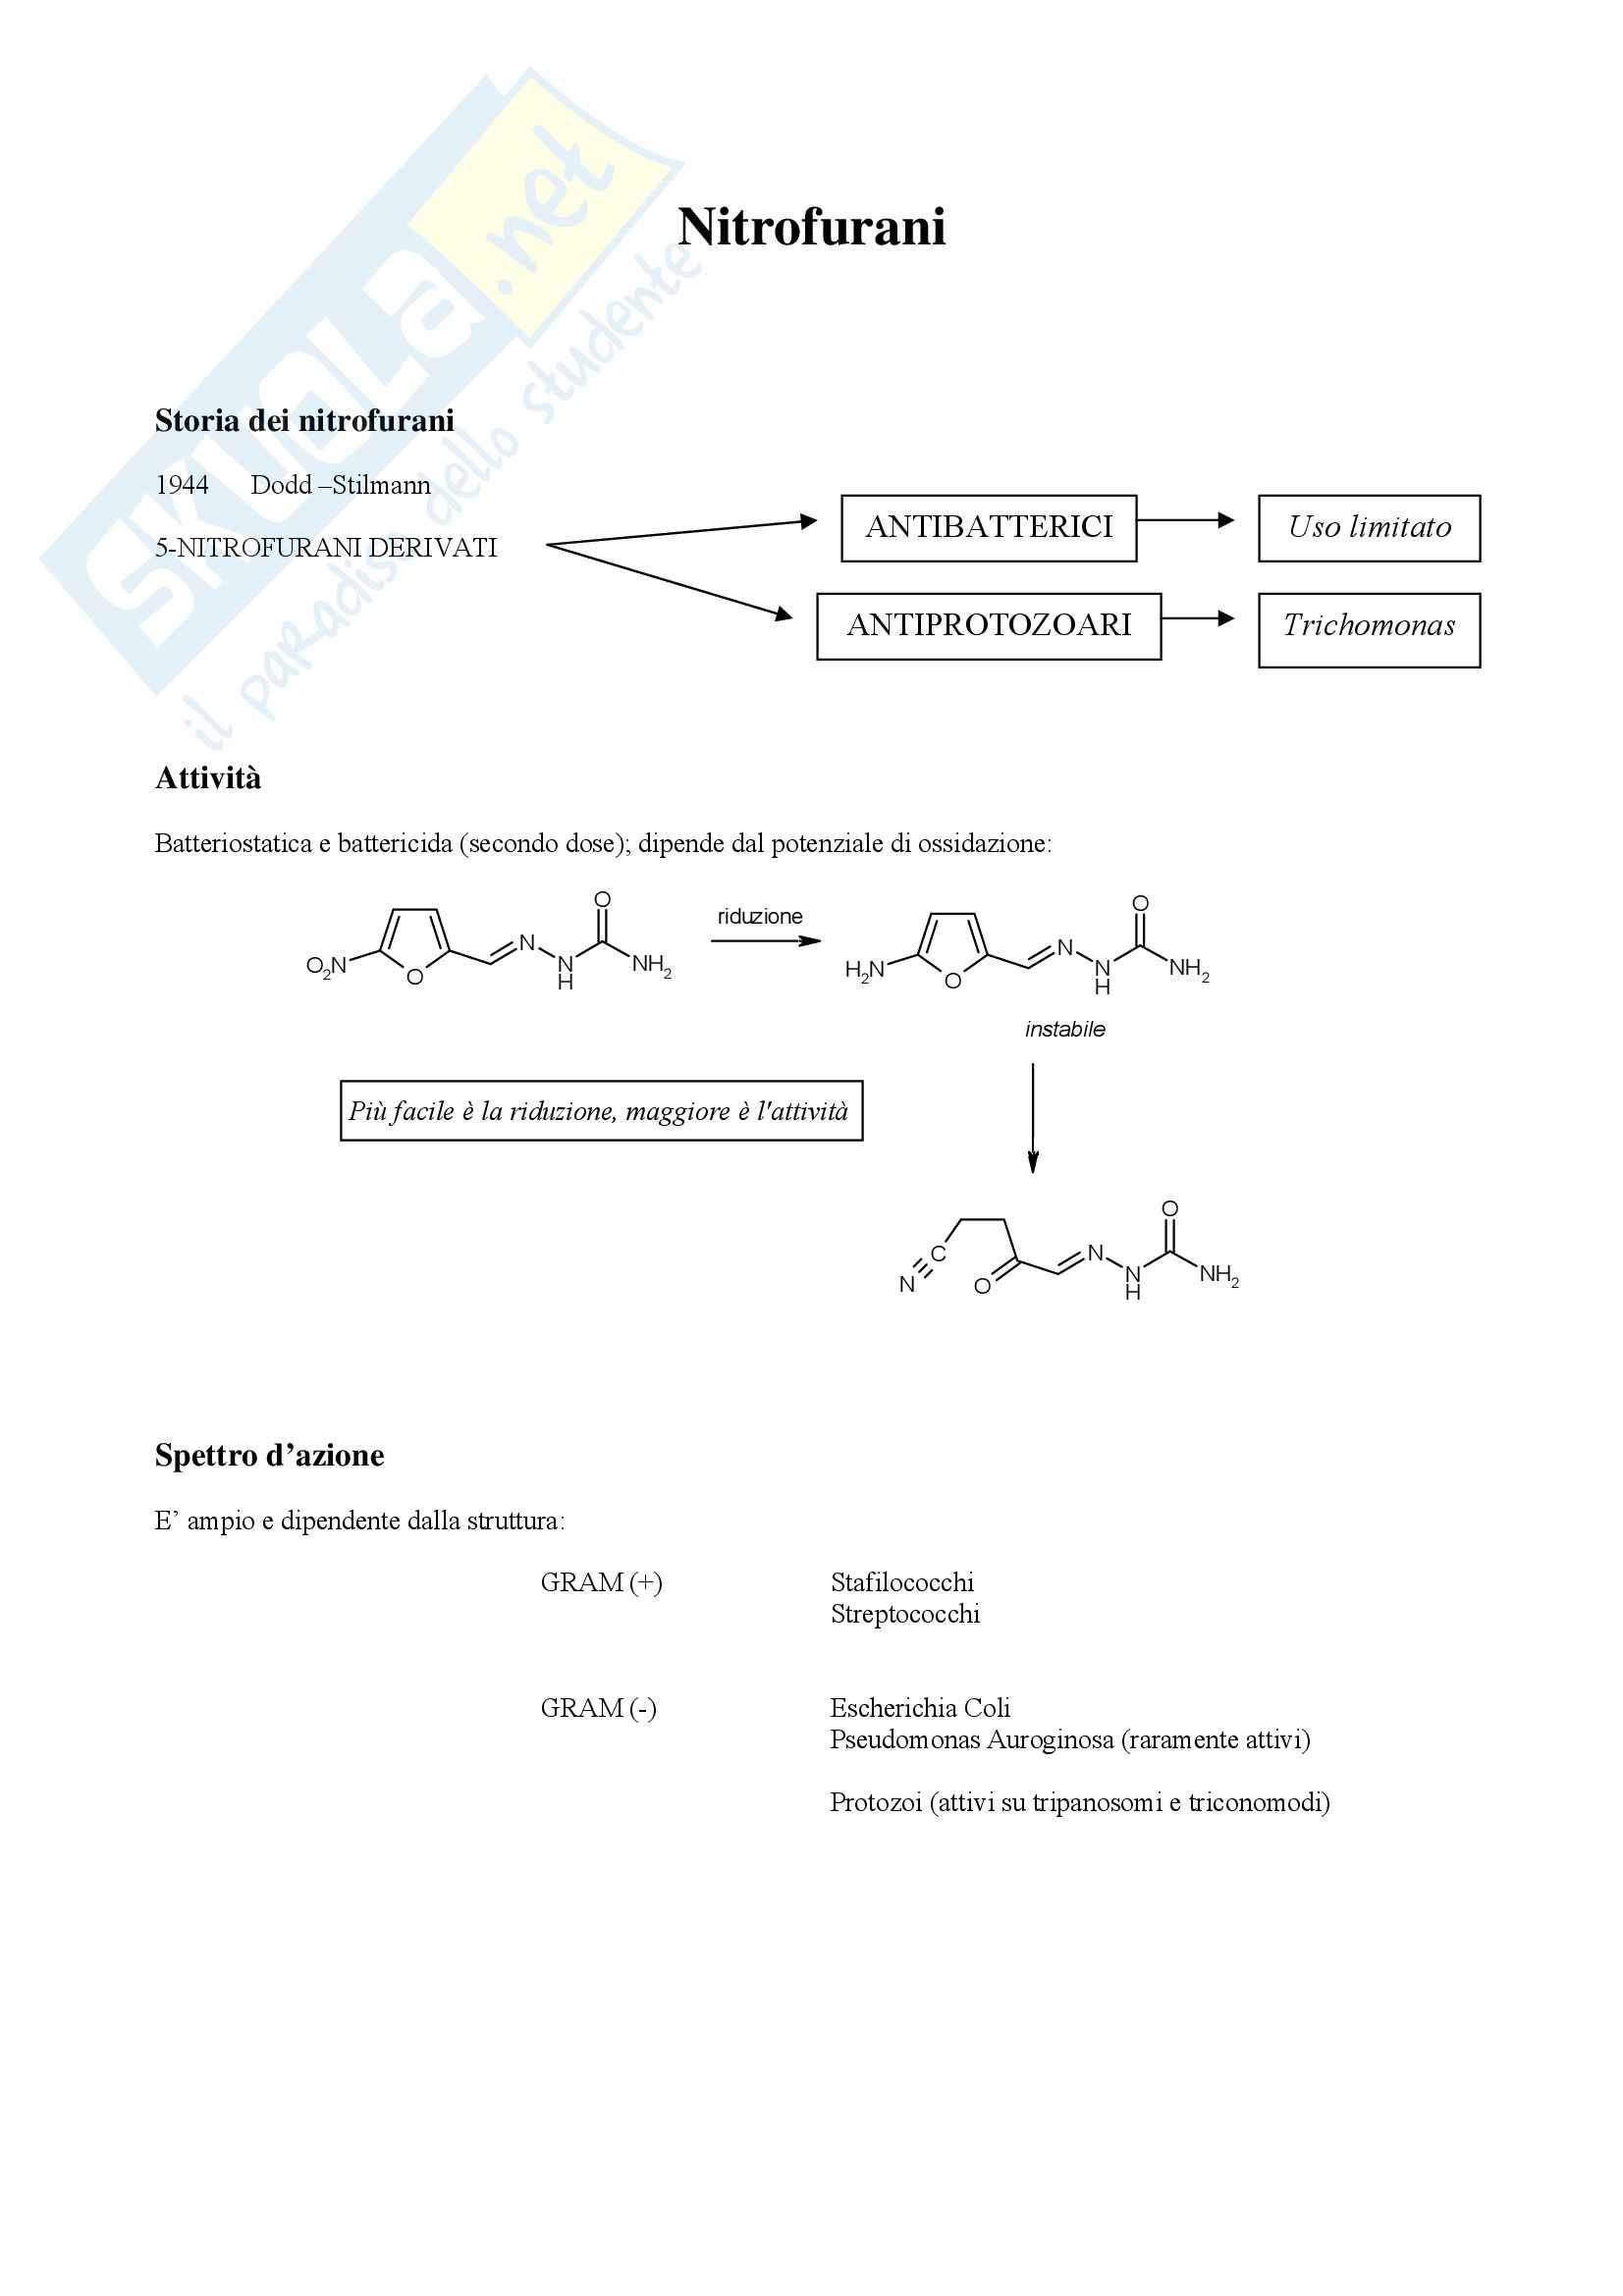 Chimica farmaceutica e tossicologica - nitrofurani